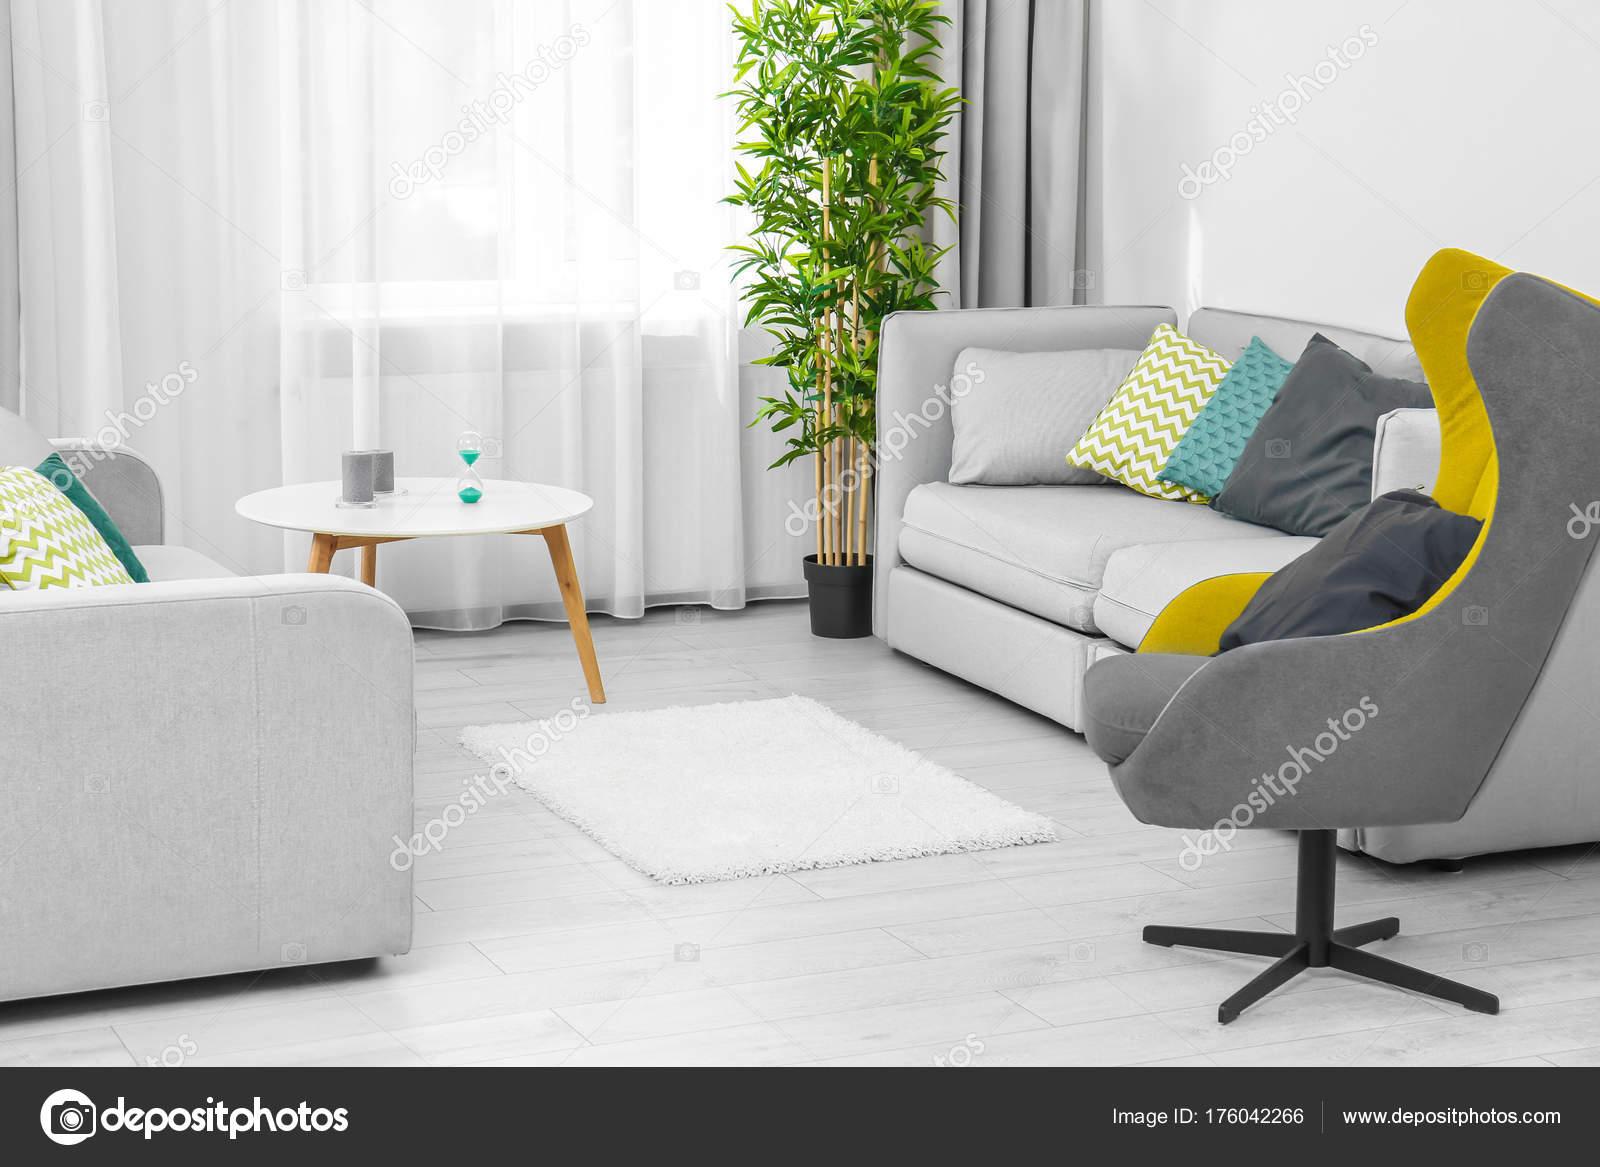 Modernes Design Wohnzimmer Interieur — Stockfoto © belchonock #176042266